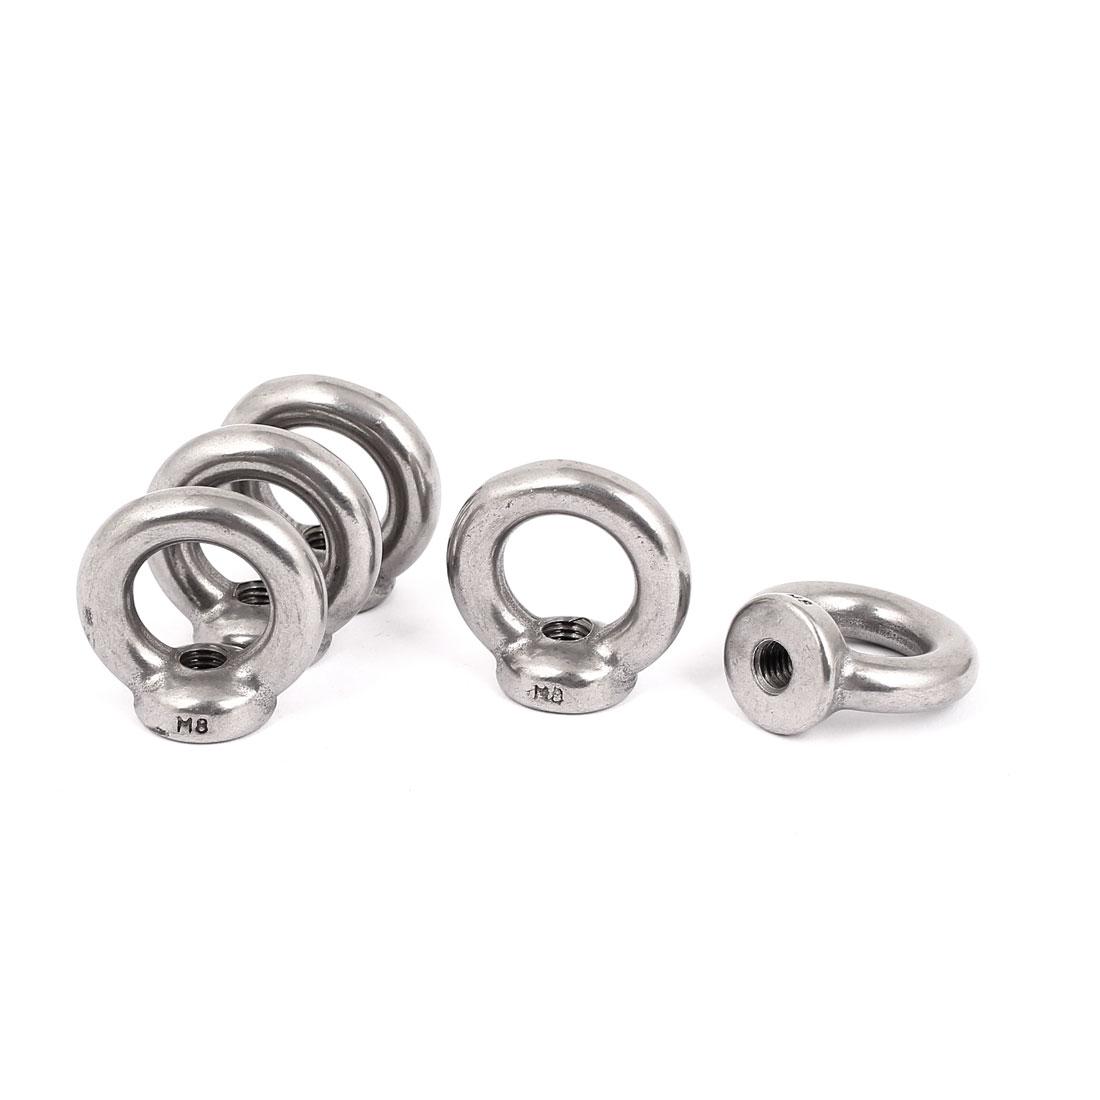 M8 Female Thread Marine Metal Lifting Eye Nuts Ring 5pcs